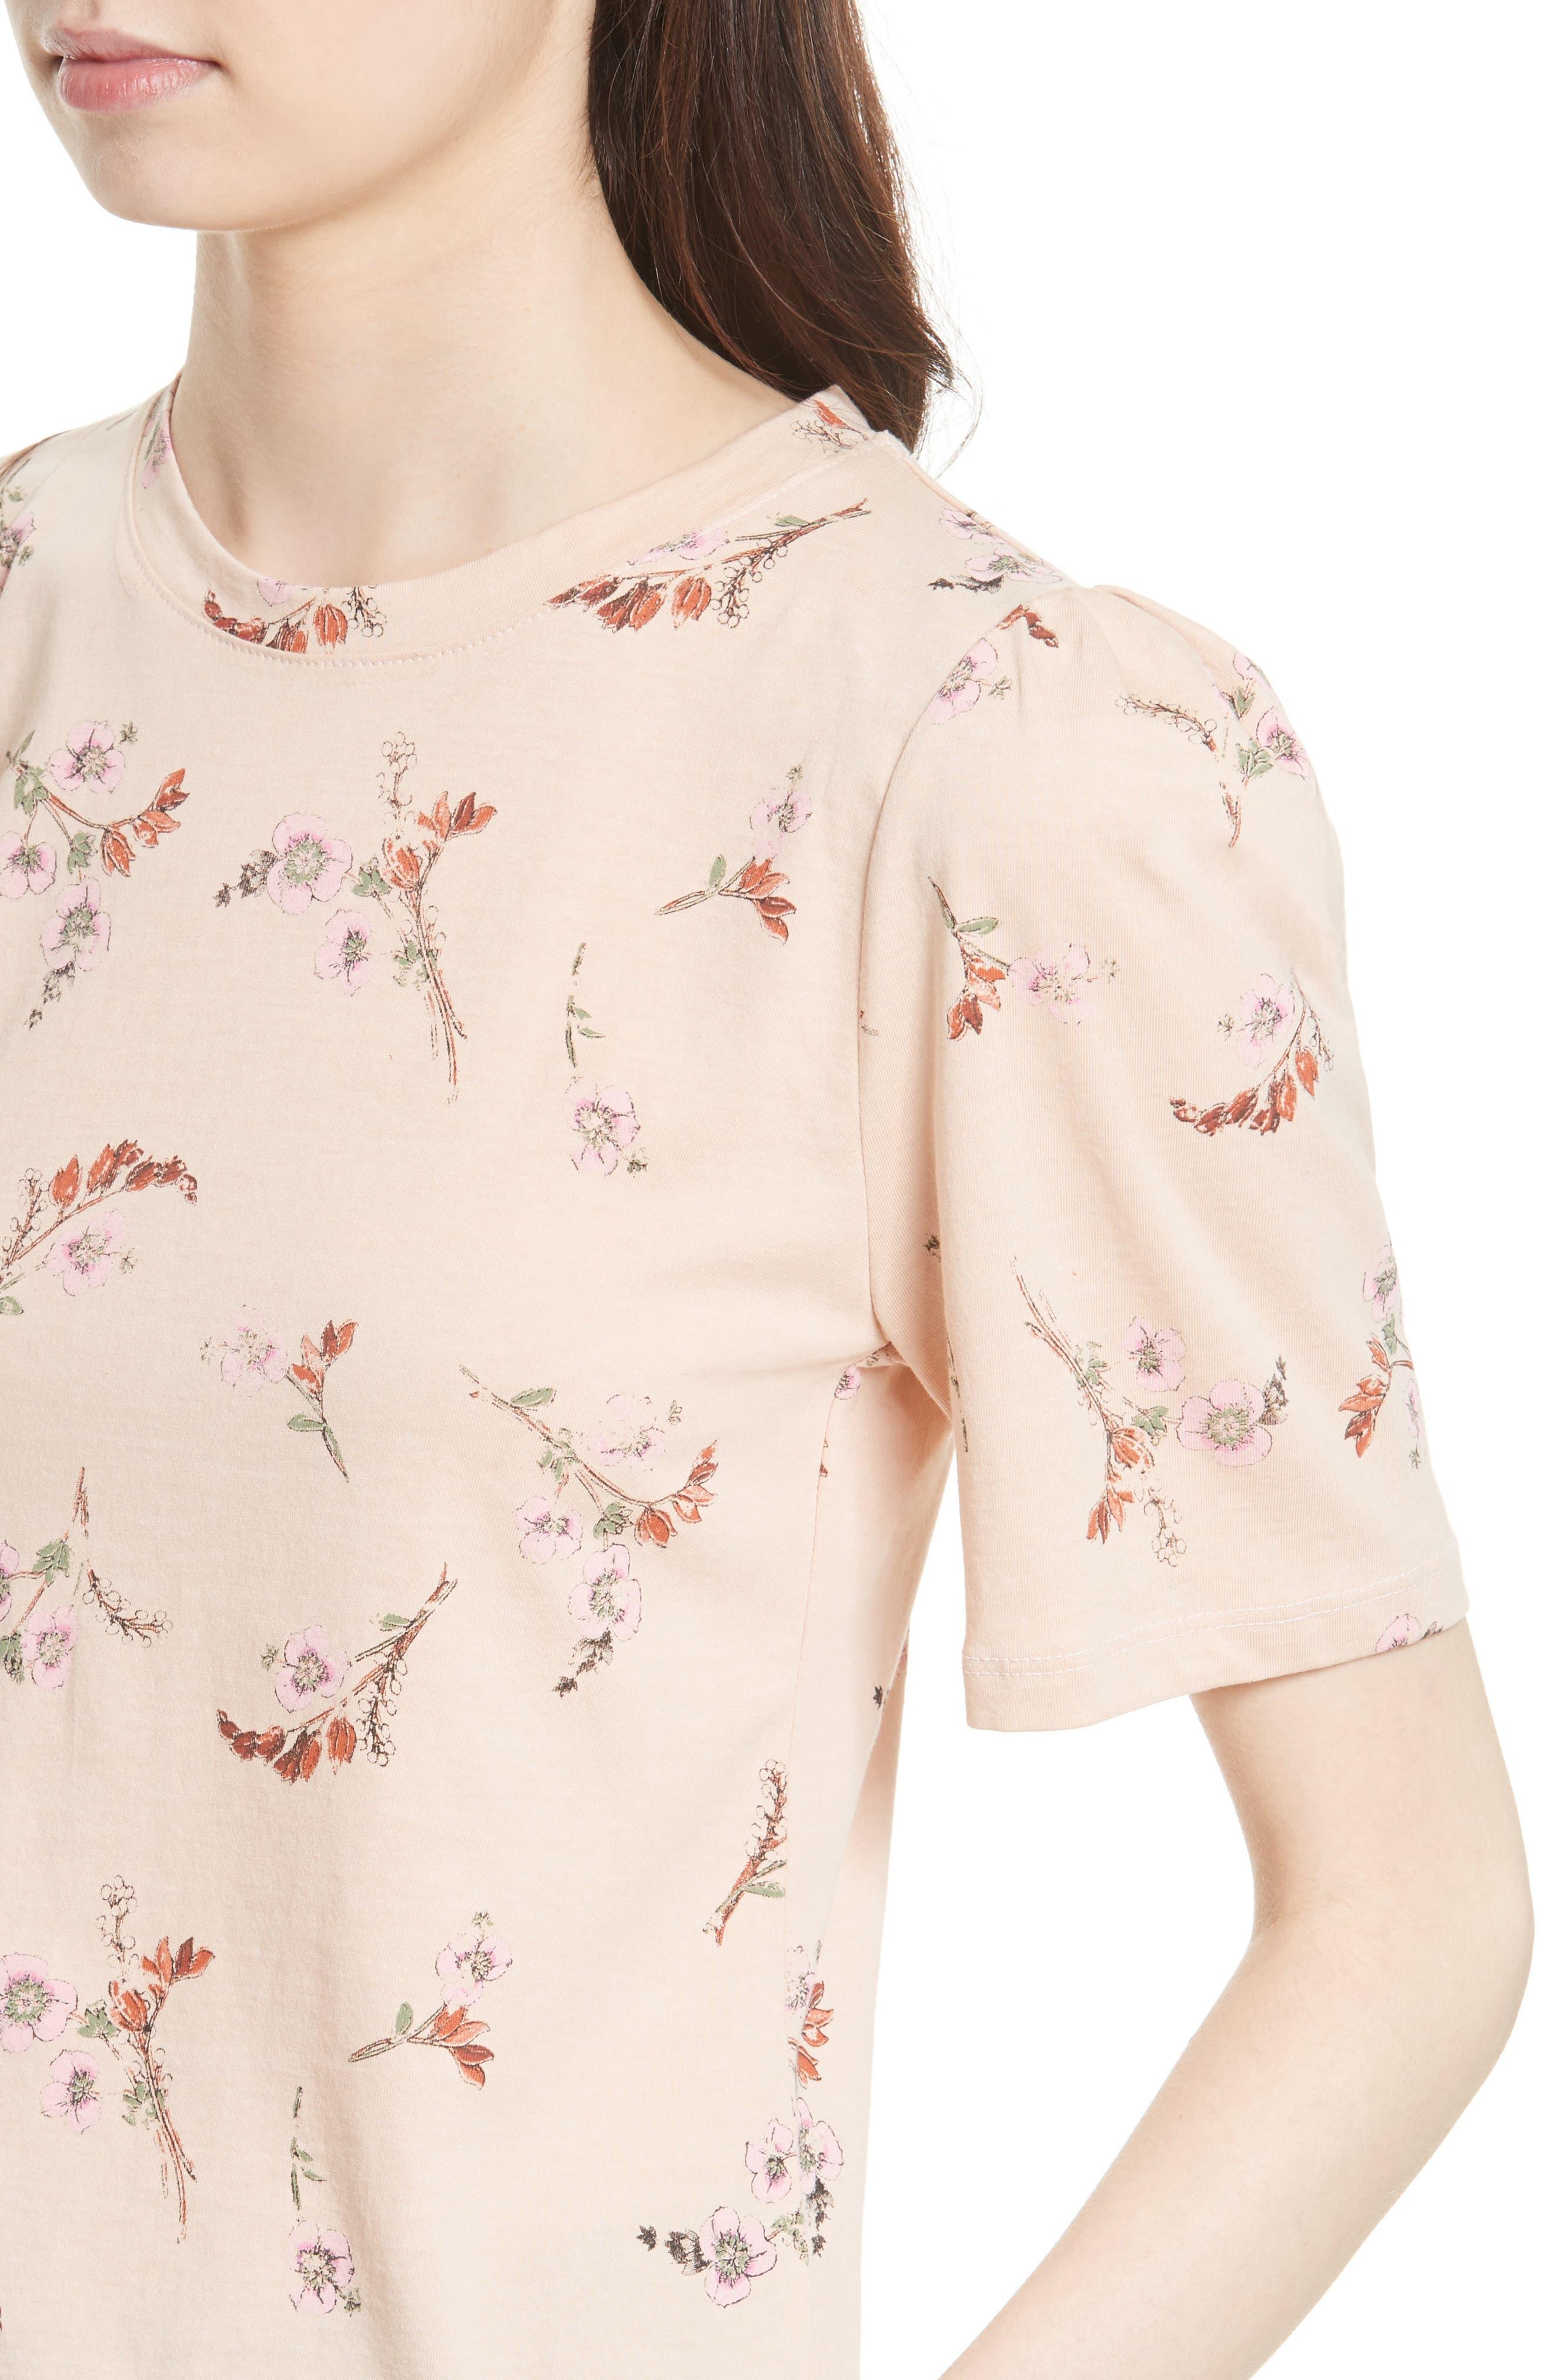 Natalie Fleur Cotton Jersey Top,                             Alternate thumbnail 4, color,                             Ballet Combo